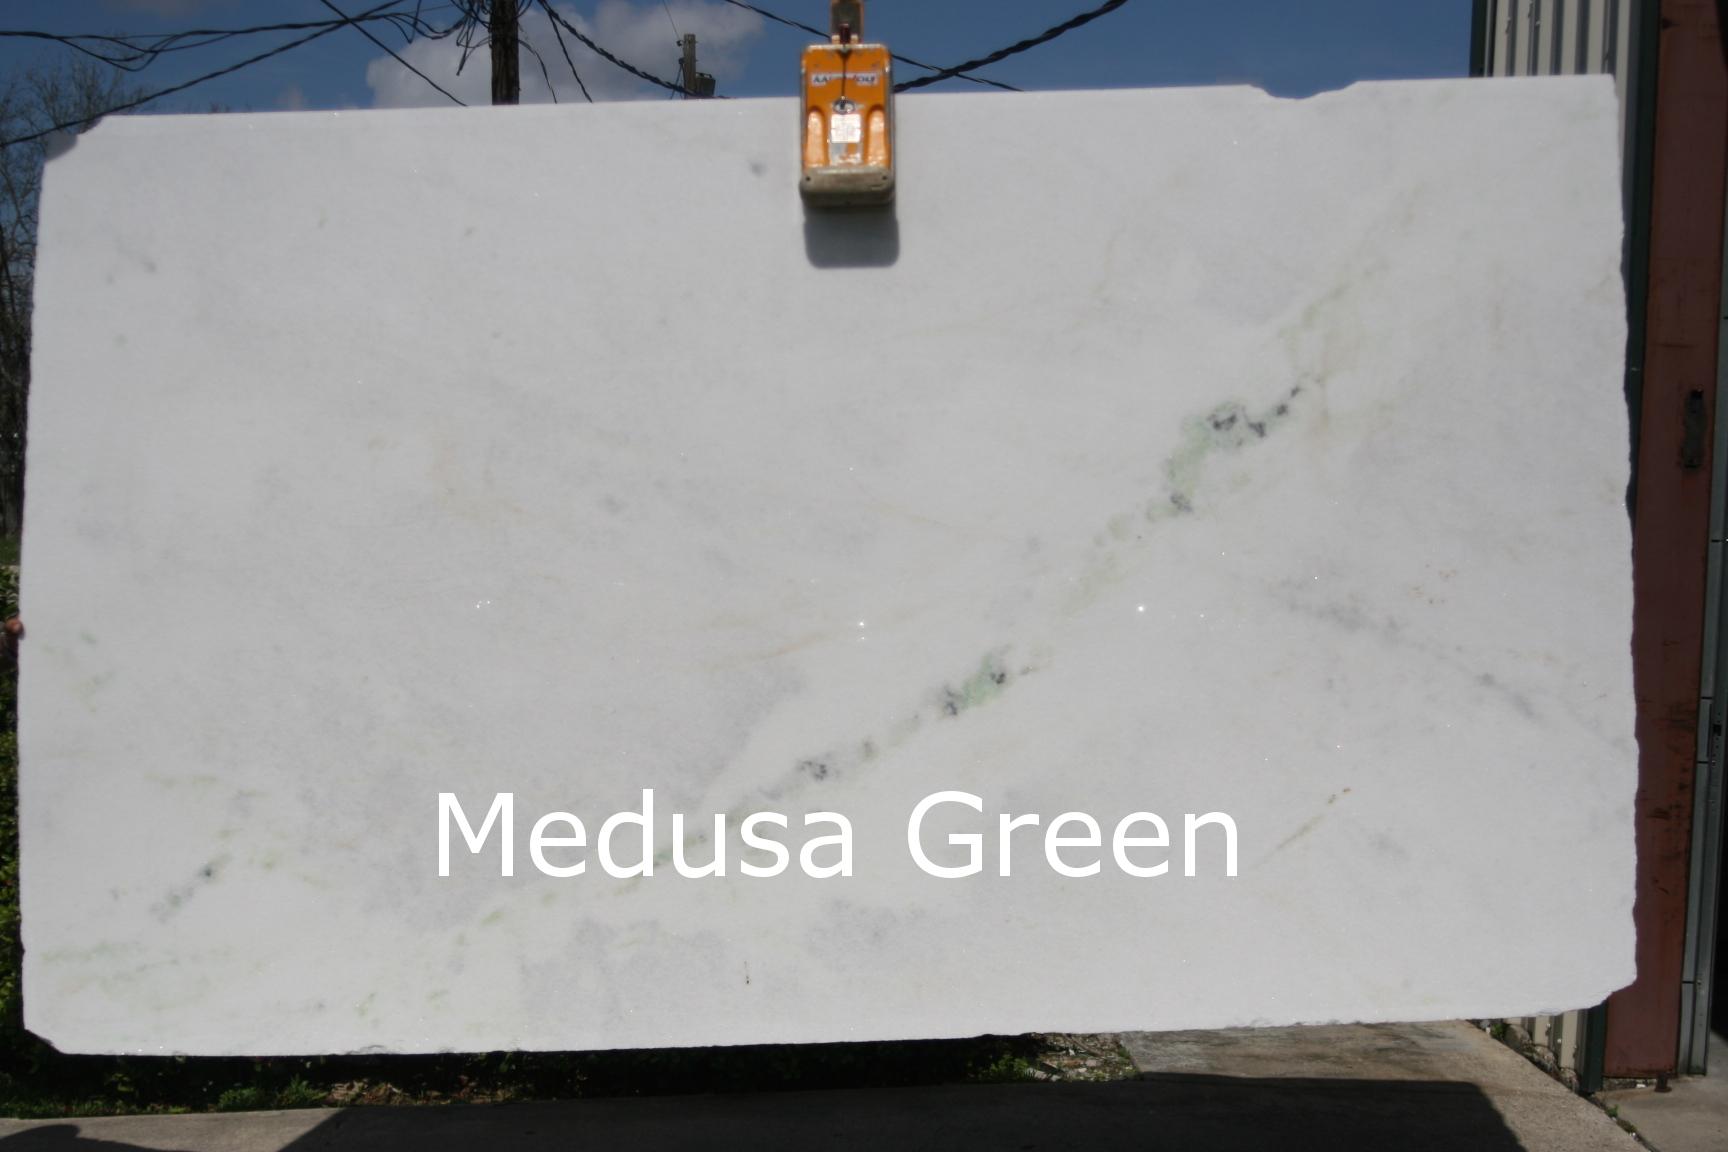 Medusa Green